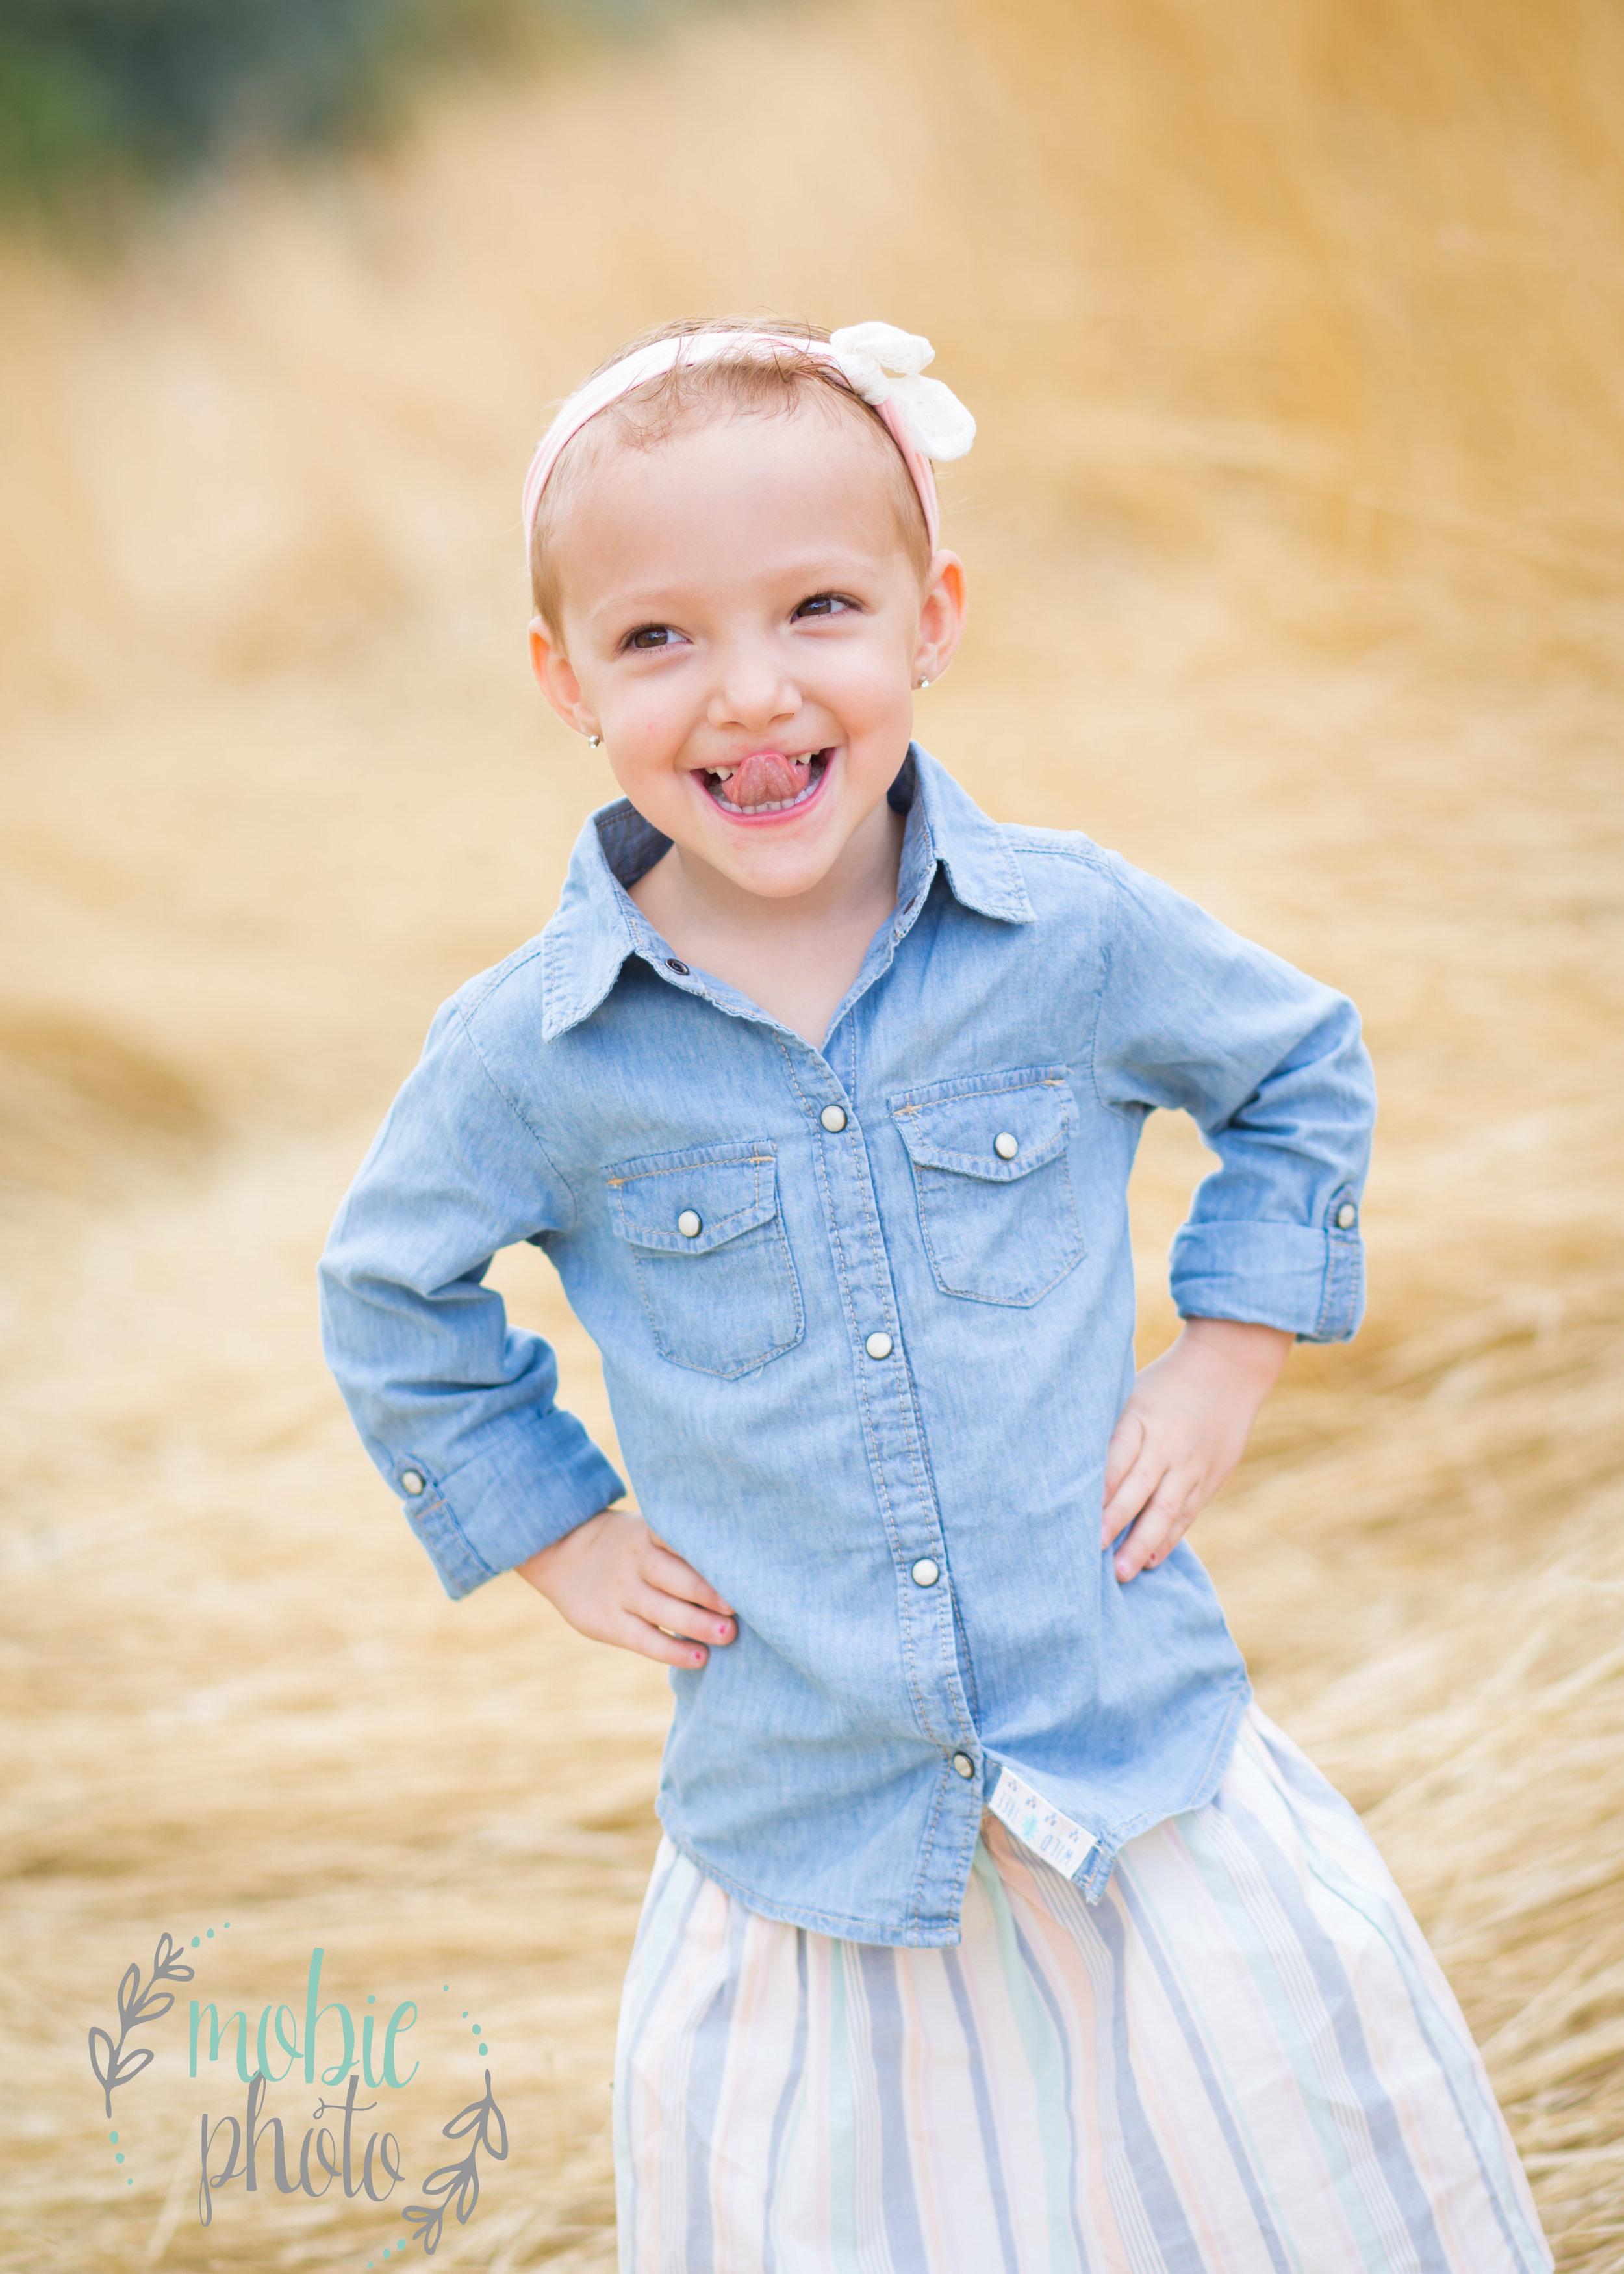 Little girl in denim shirt